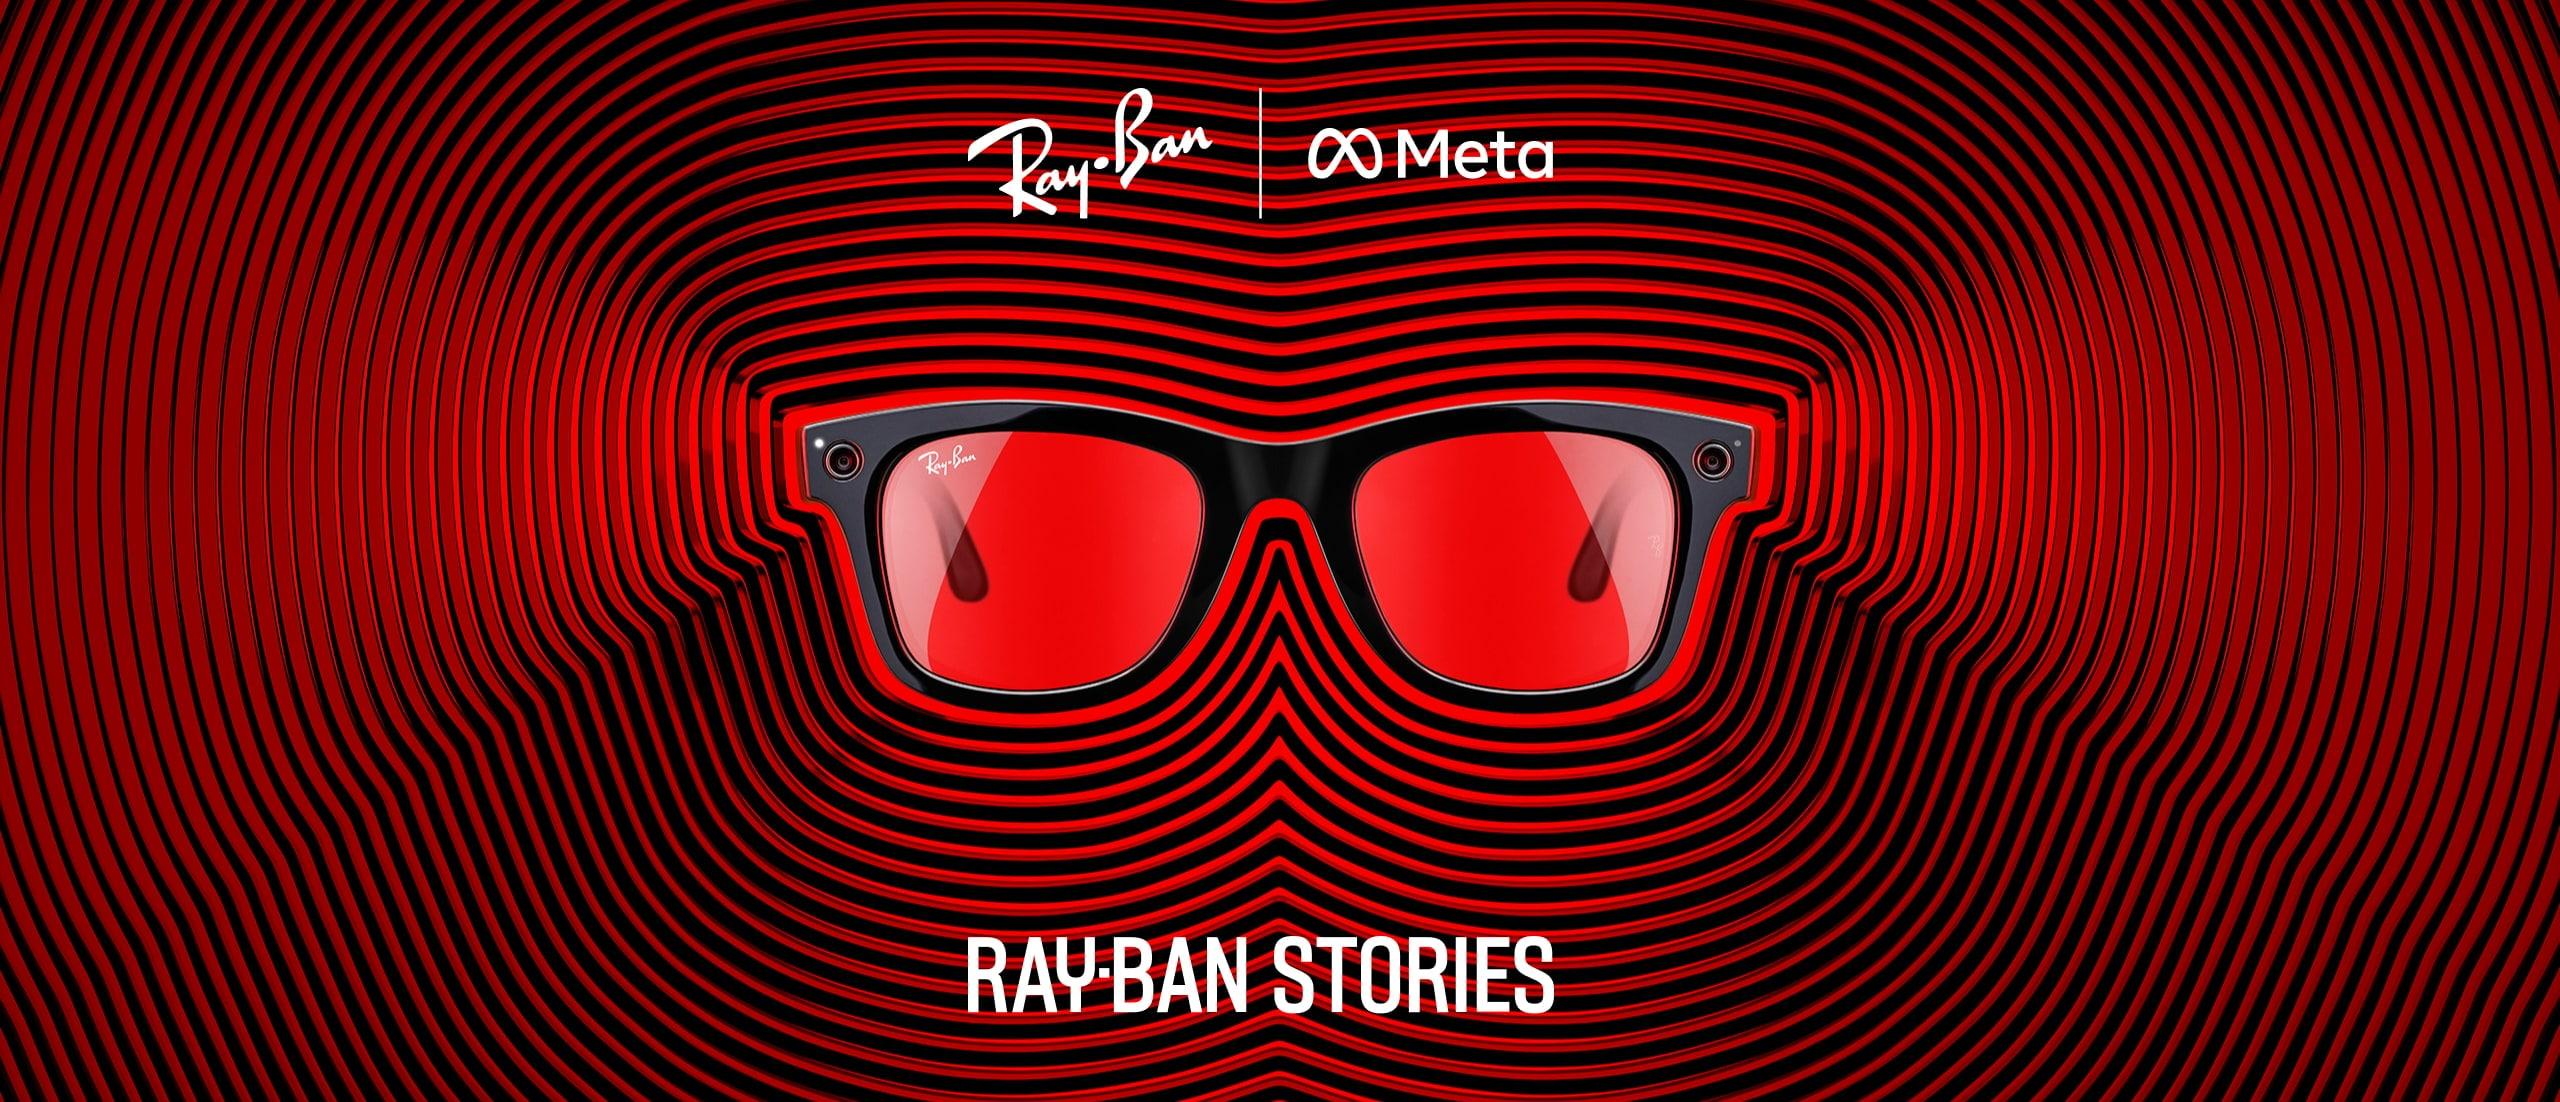 Rayban Stories